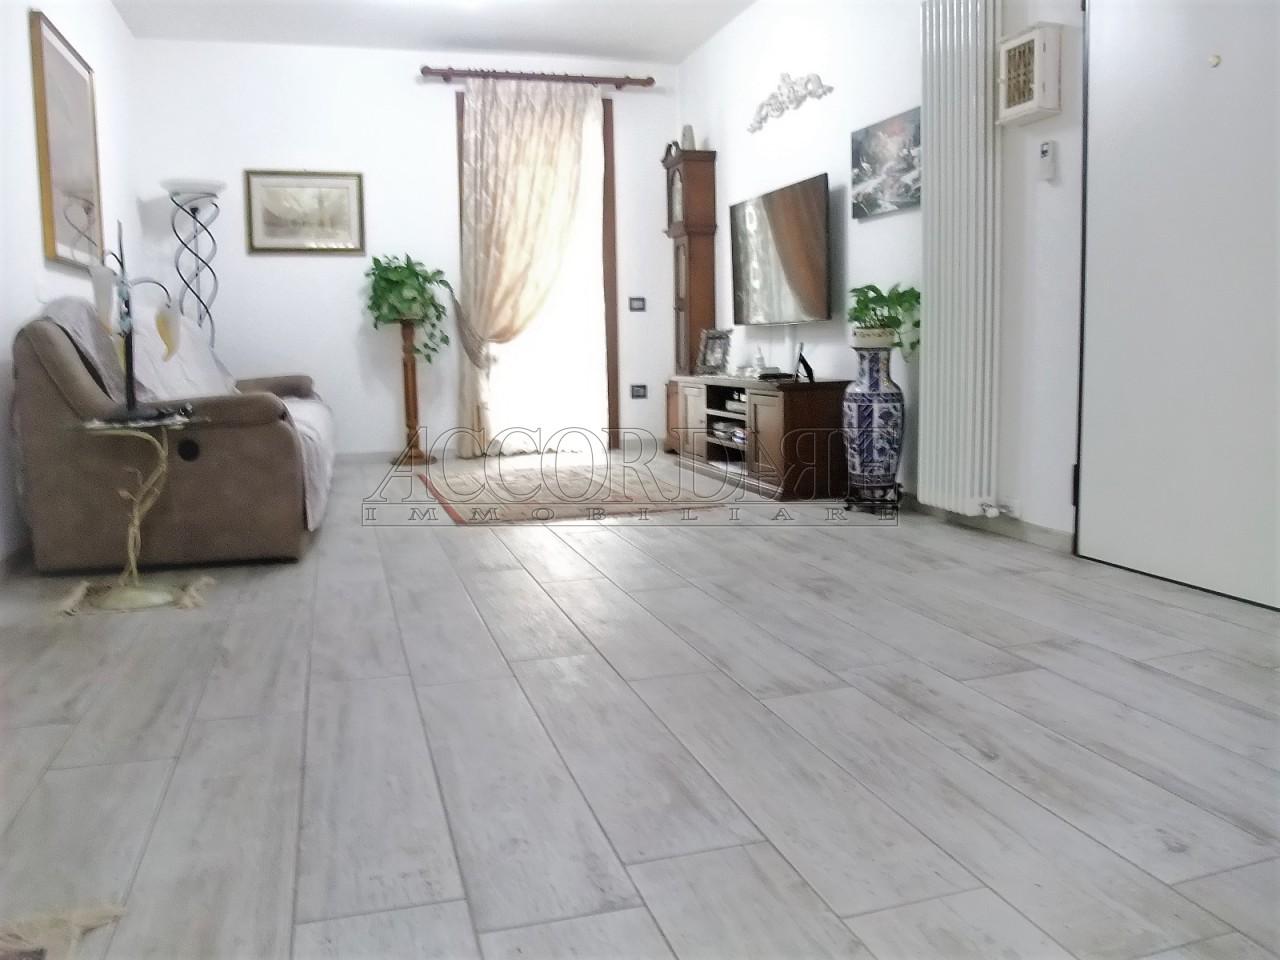 Casa Indipendente in vendita Rif. 8323112